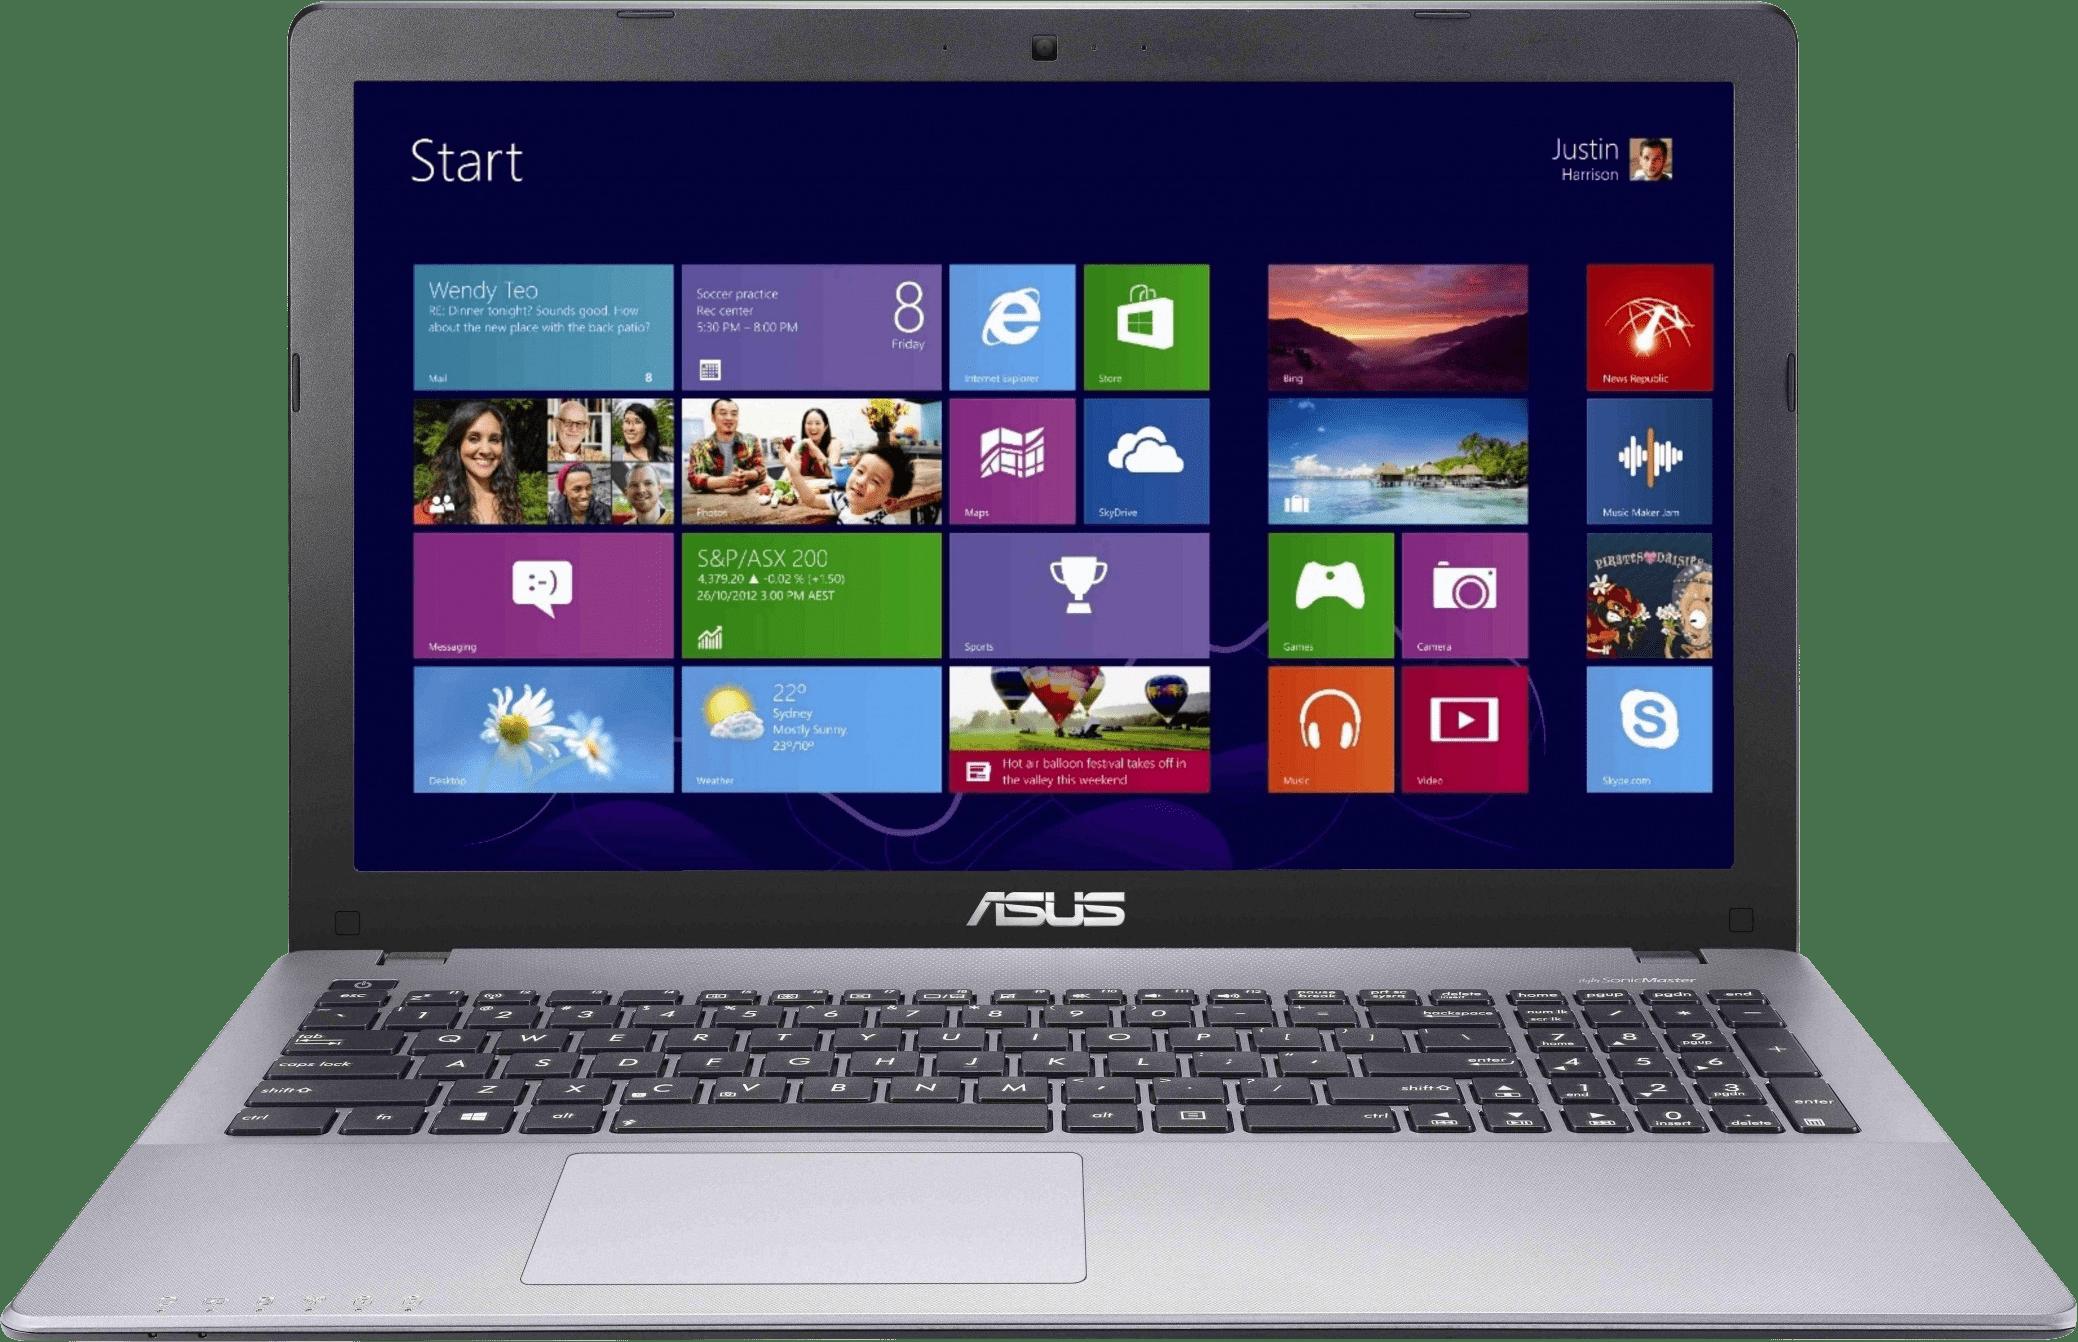 Laptop Asus Dengan OS Windows 8.1